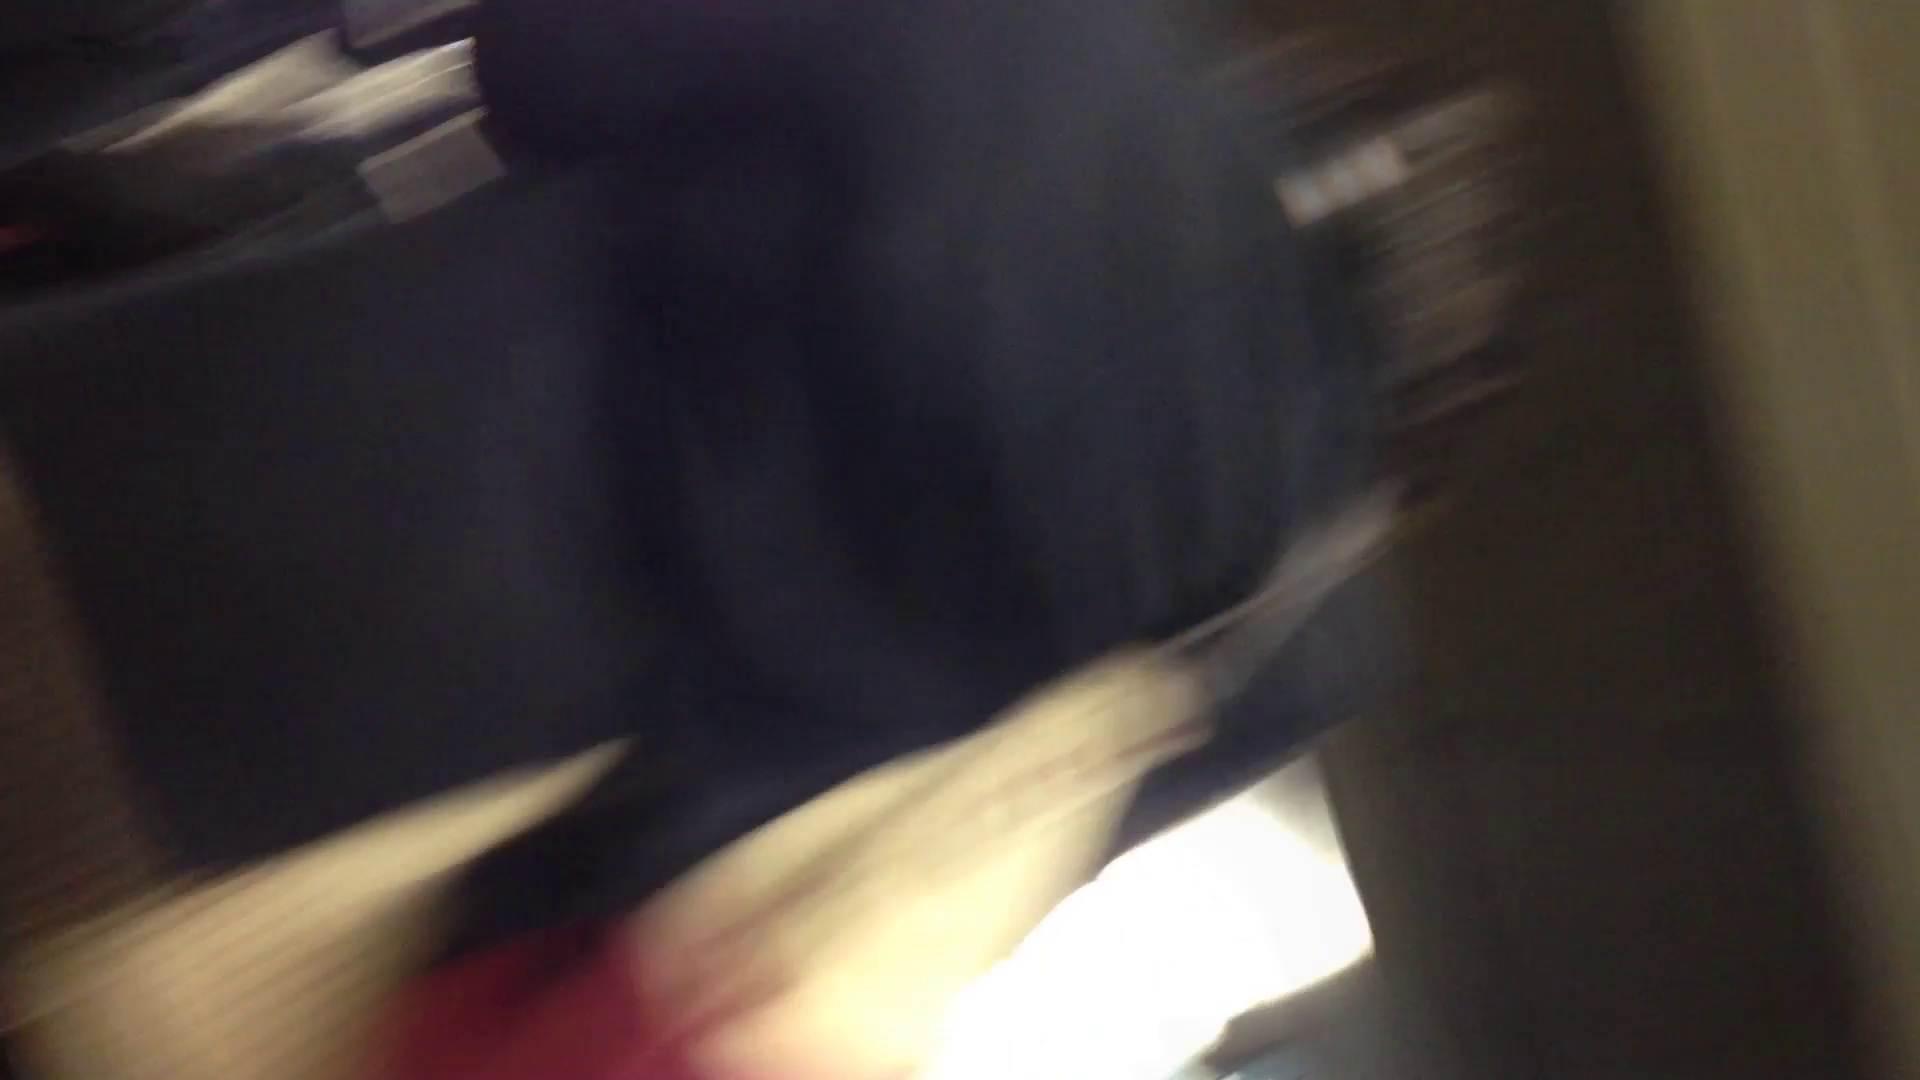 階段パンチラ Vol.06 OLの実態 | パンツ大放出  77pic 49